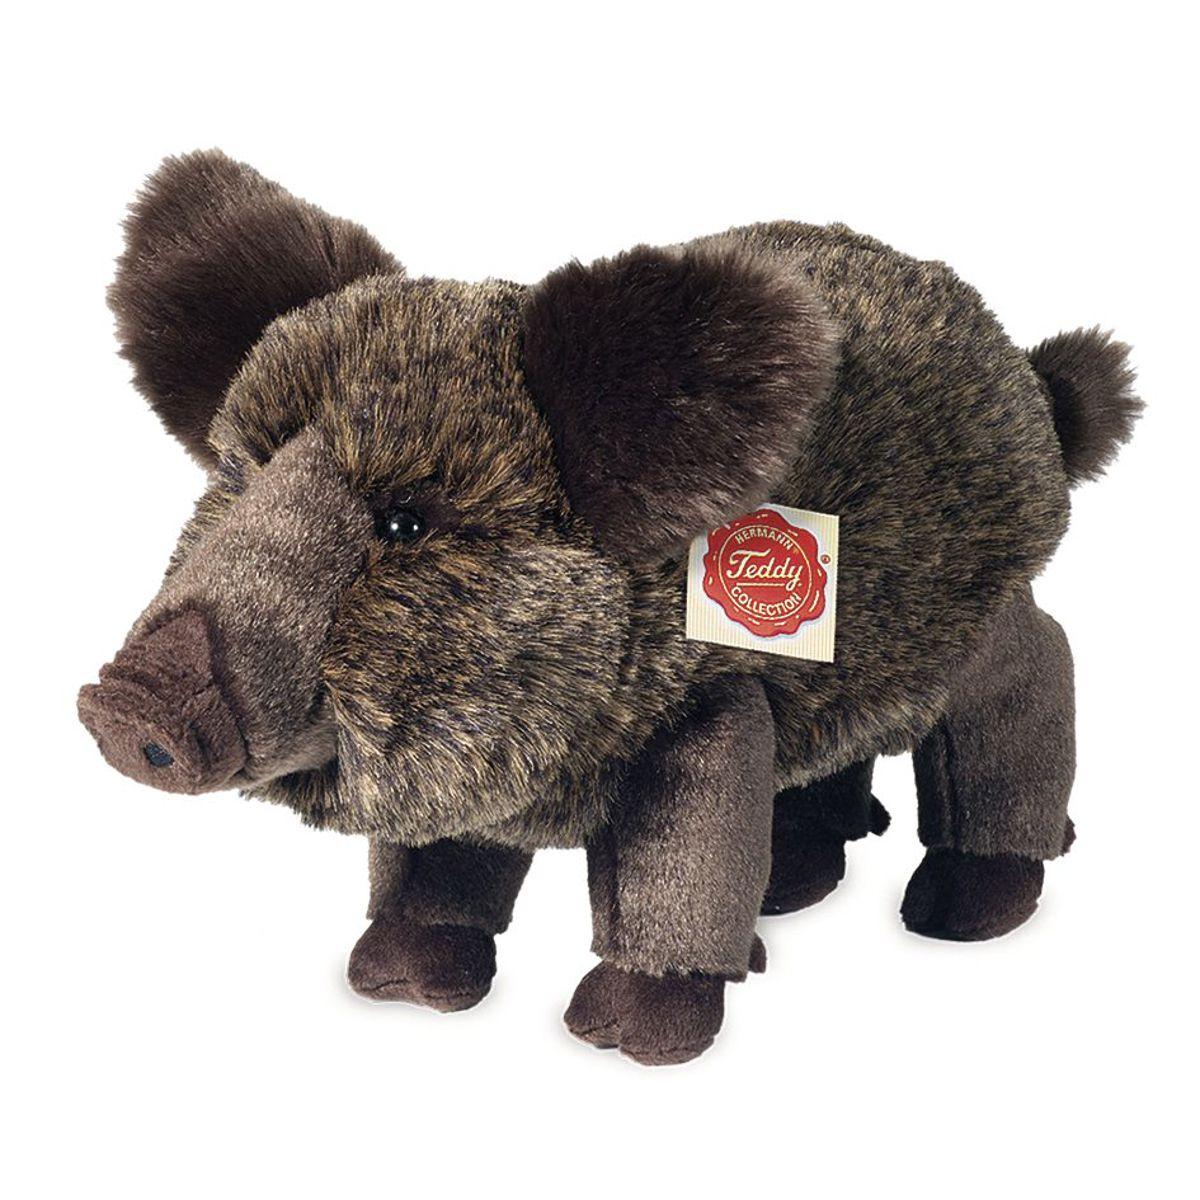 Hermann teddy wildzwijn pluche knuffel